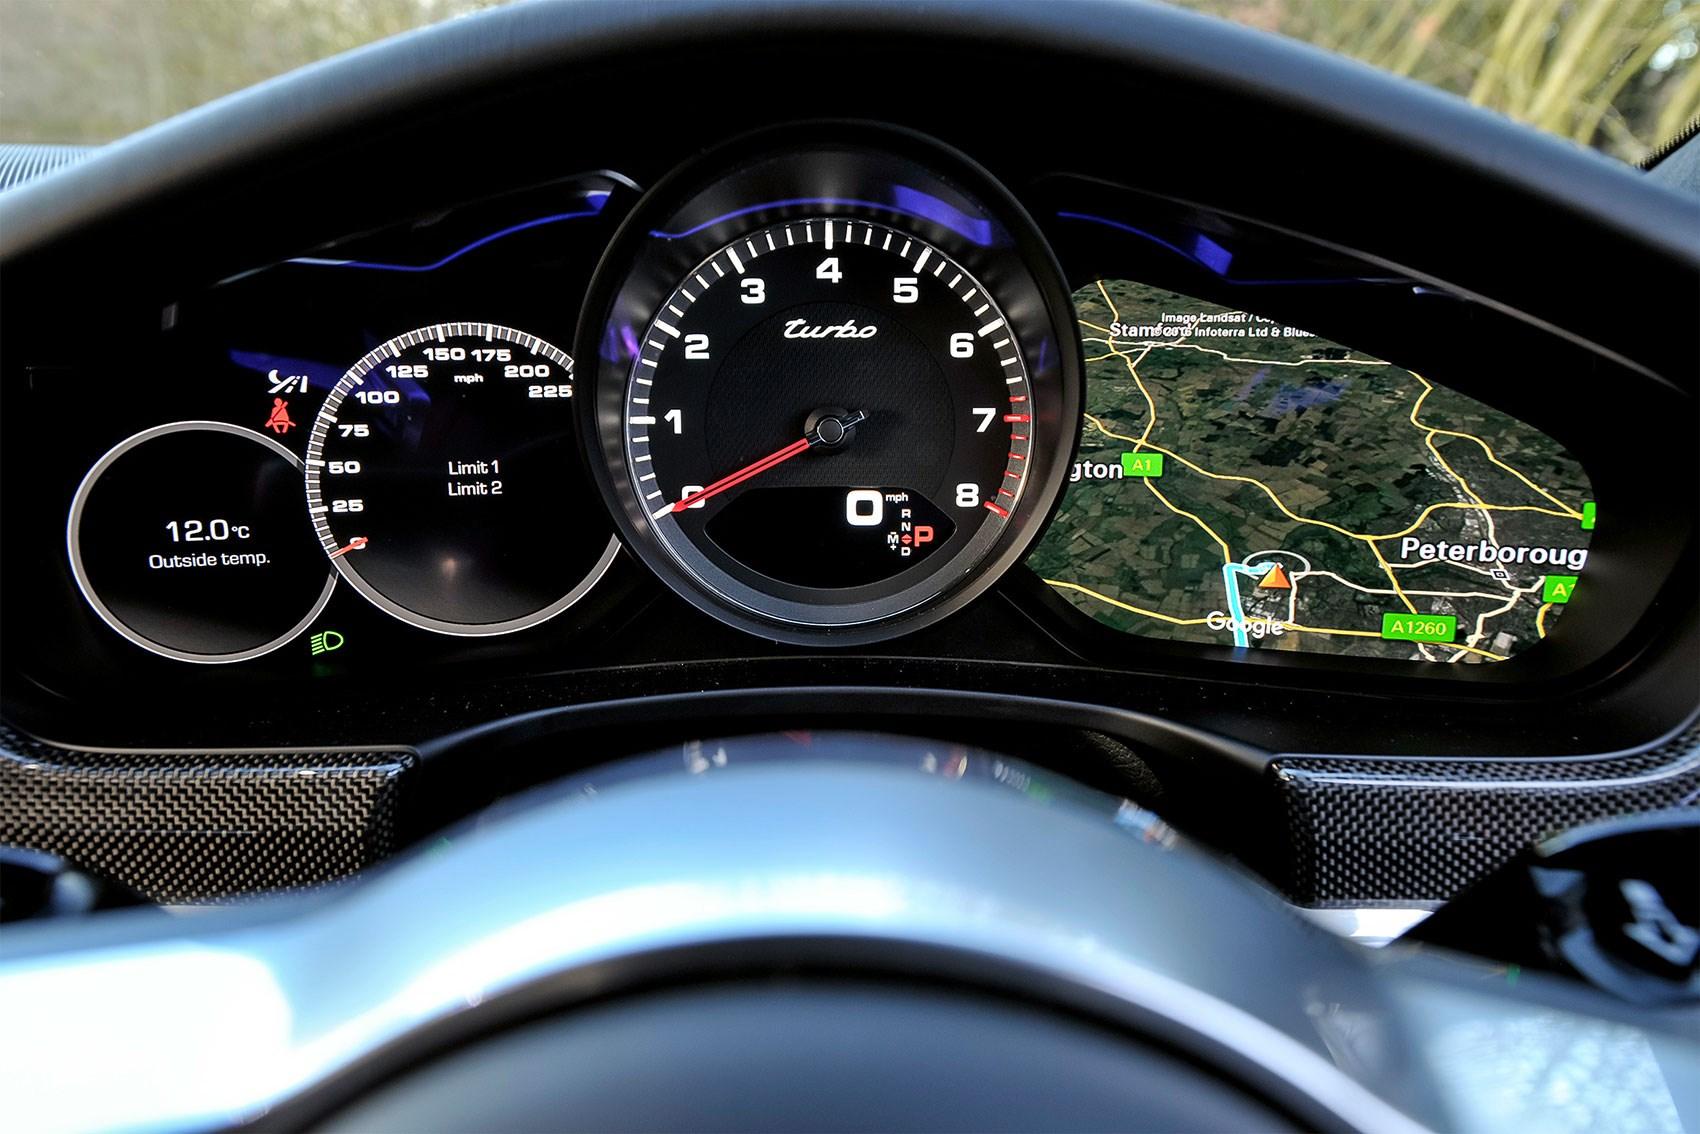 Rien sur la nouvelle classe A - Page 2 Porsche-advanced-cockpit-4